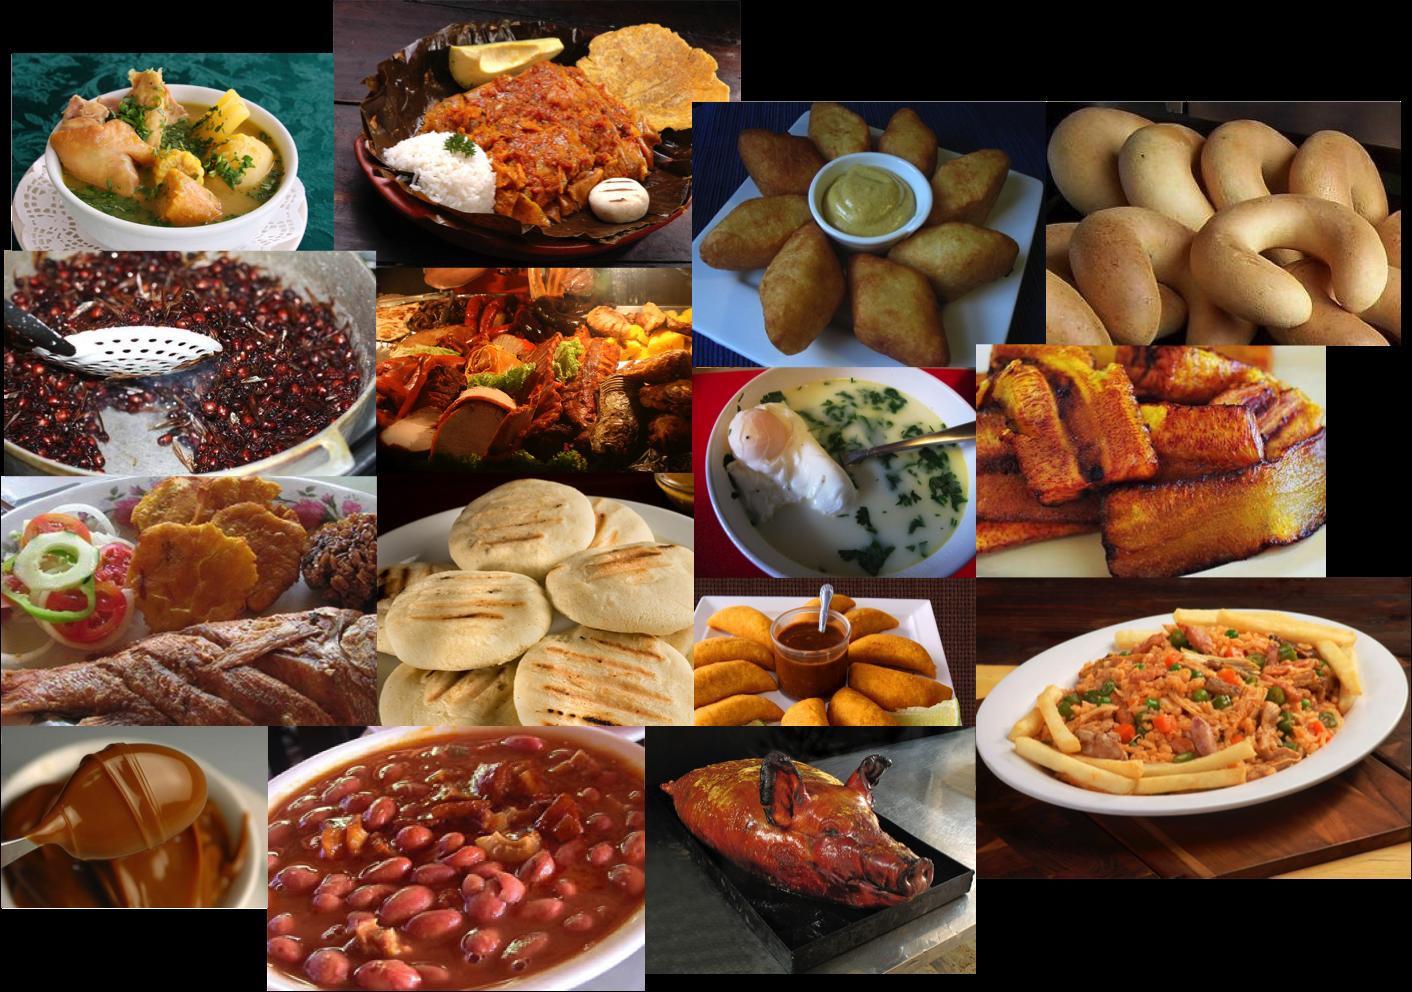 gastronom a colombiana innovaci n o sacrilegio parte i ForElementos De Cocina Bogota